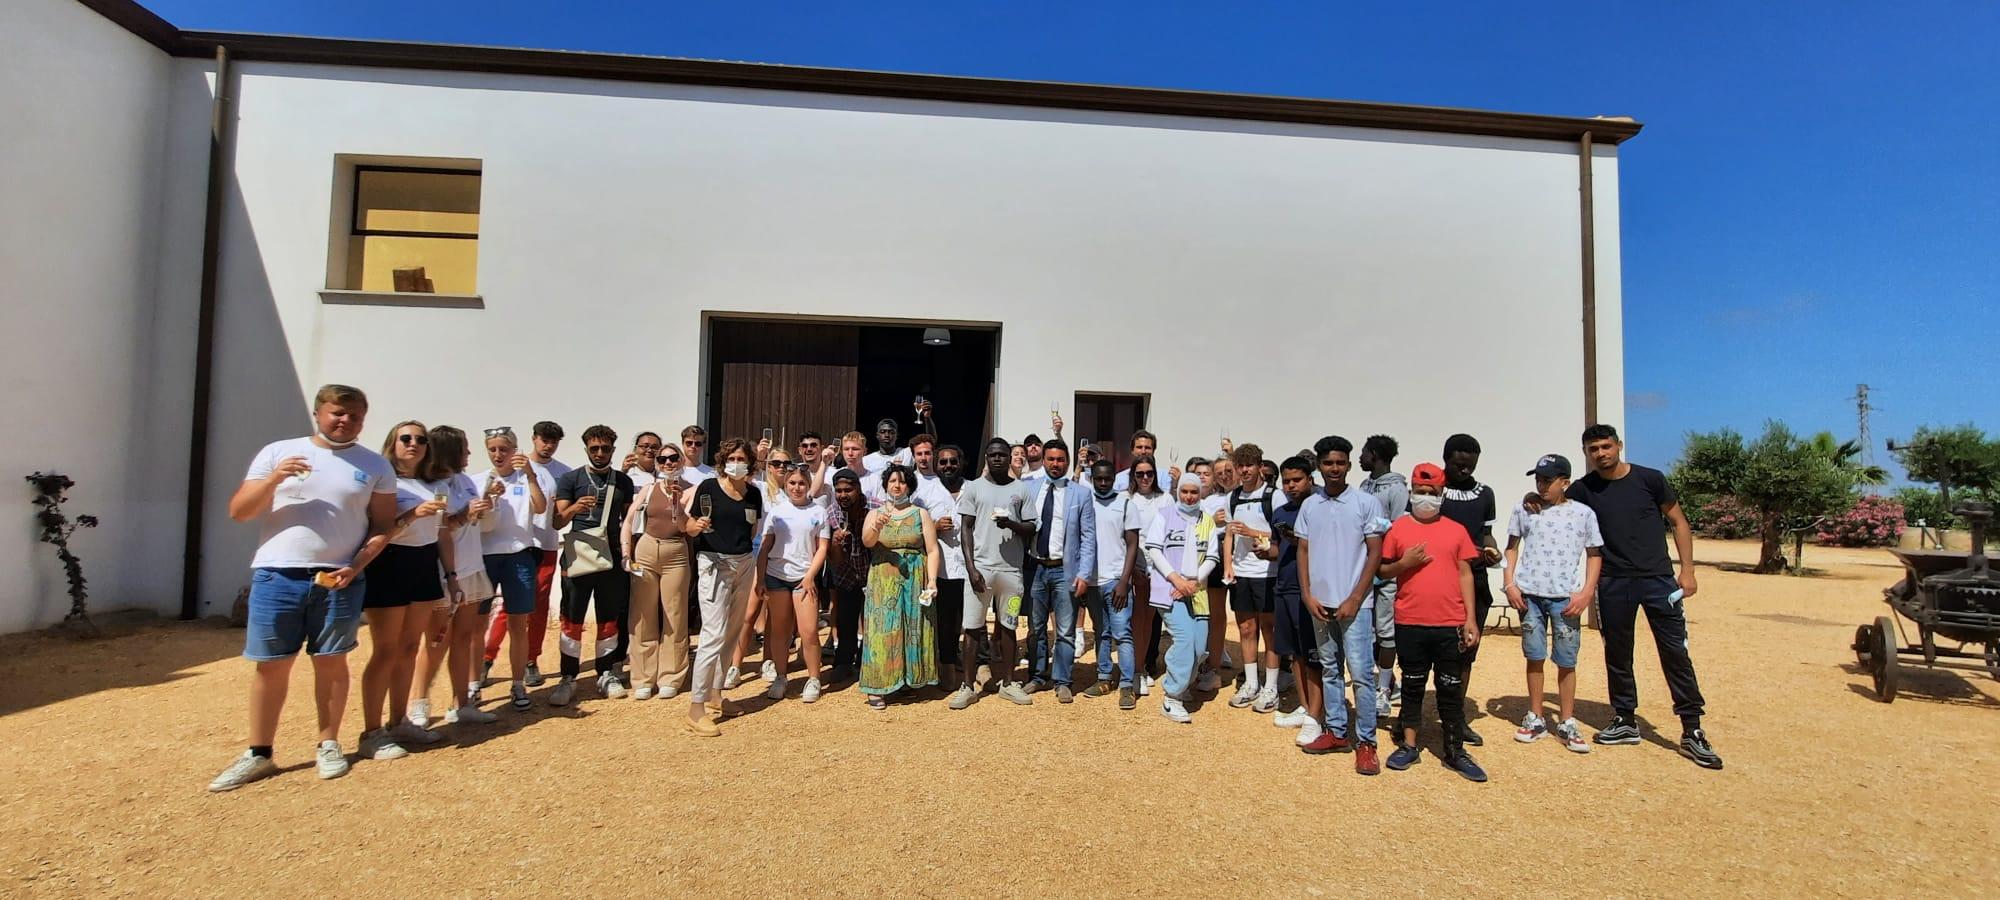 Internship camp, l'esperienza in Sicilia di 50 studenti stranieri